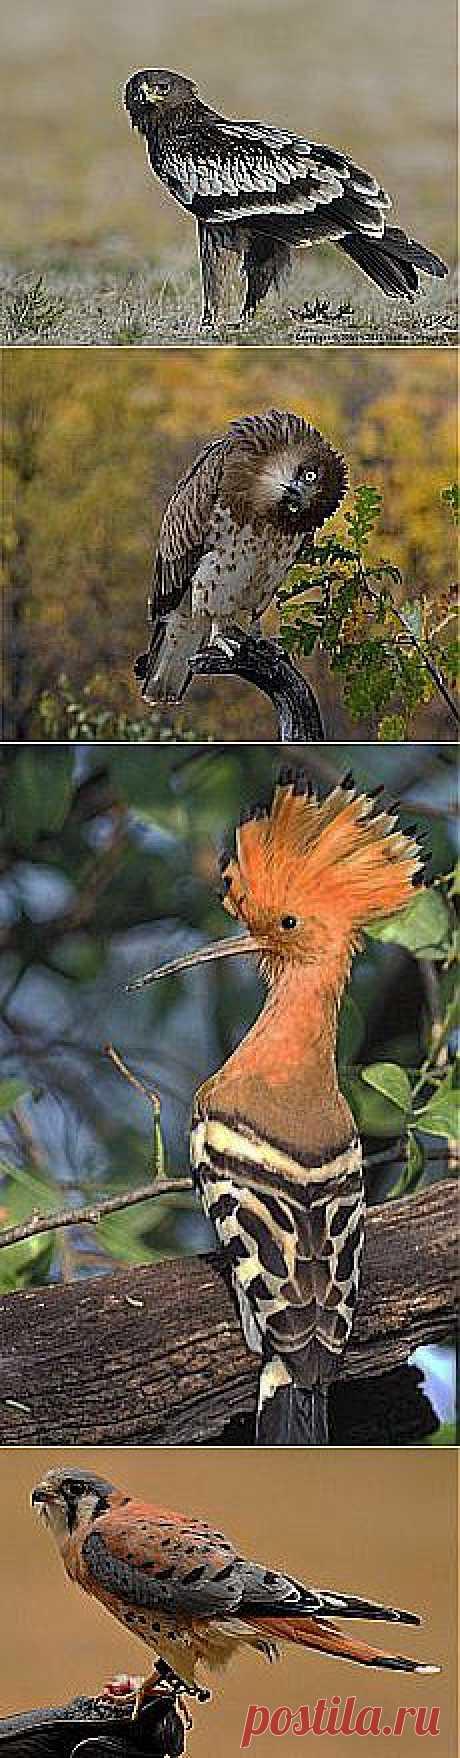 юрий павлов: Птички | Постила